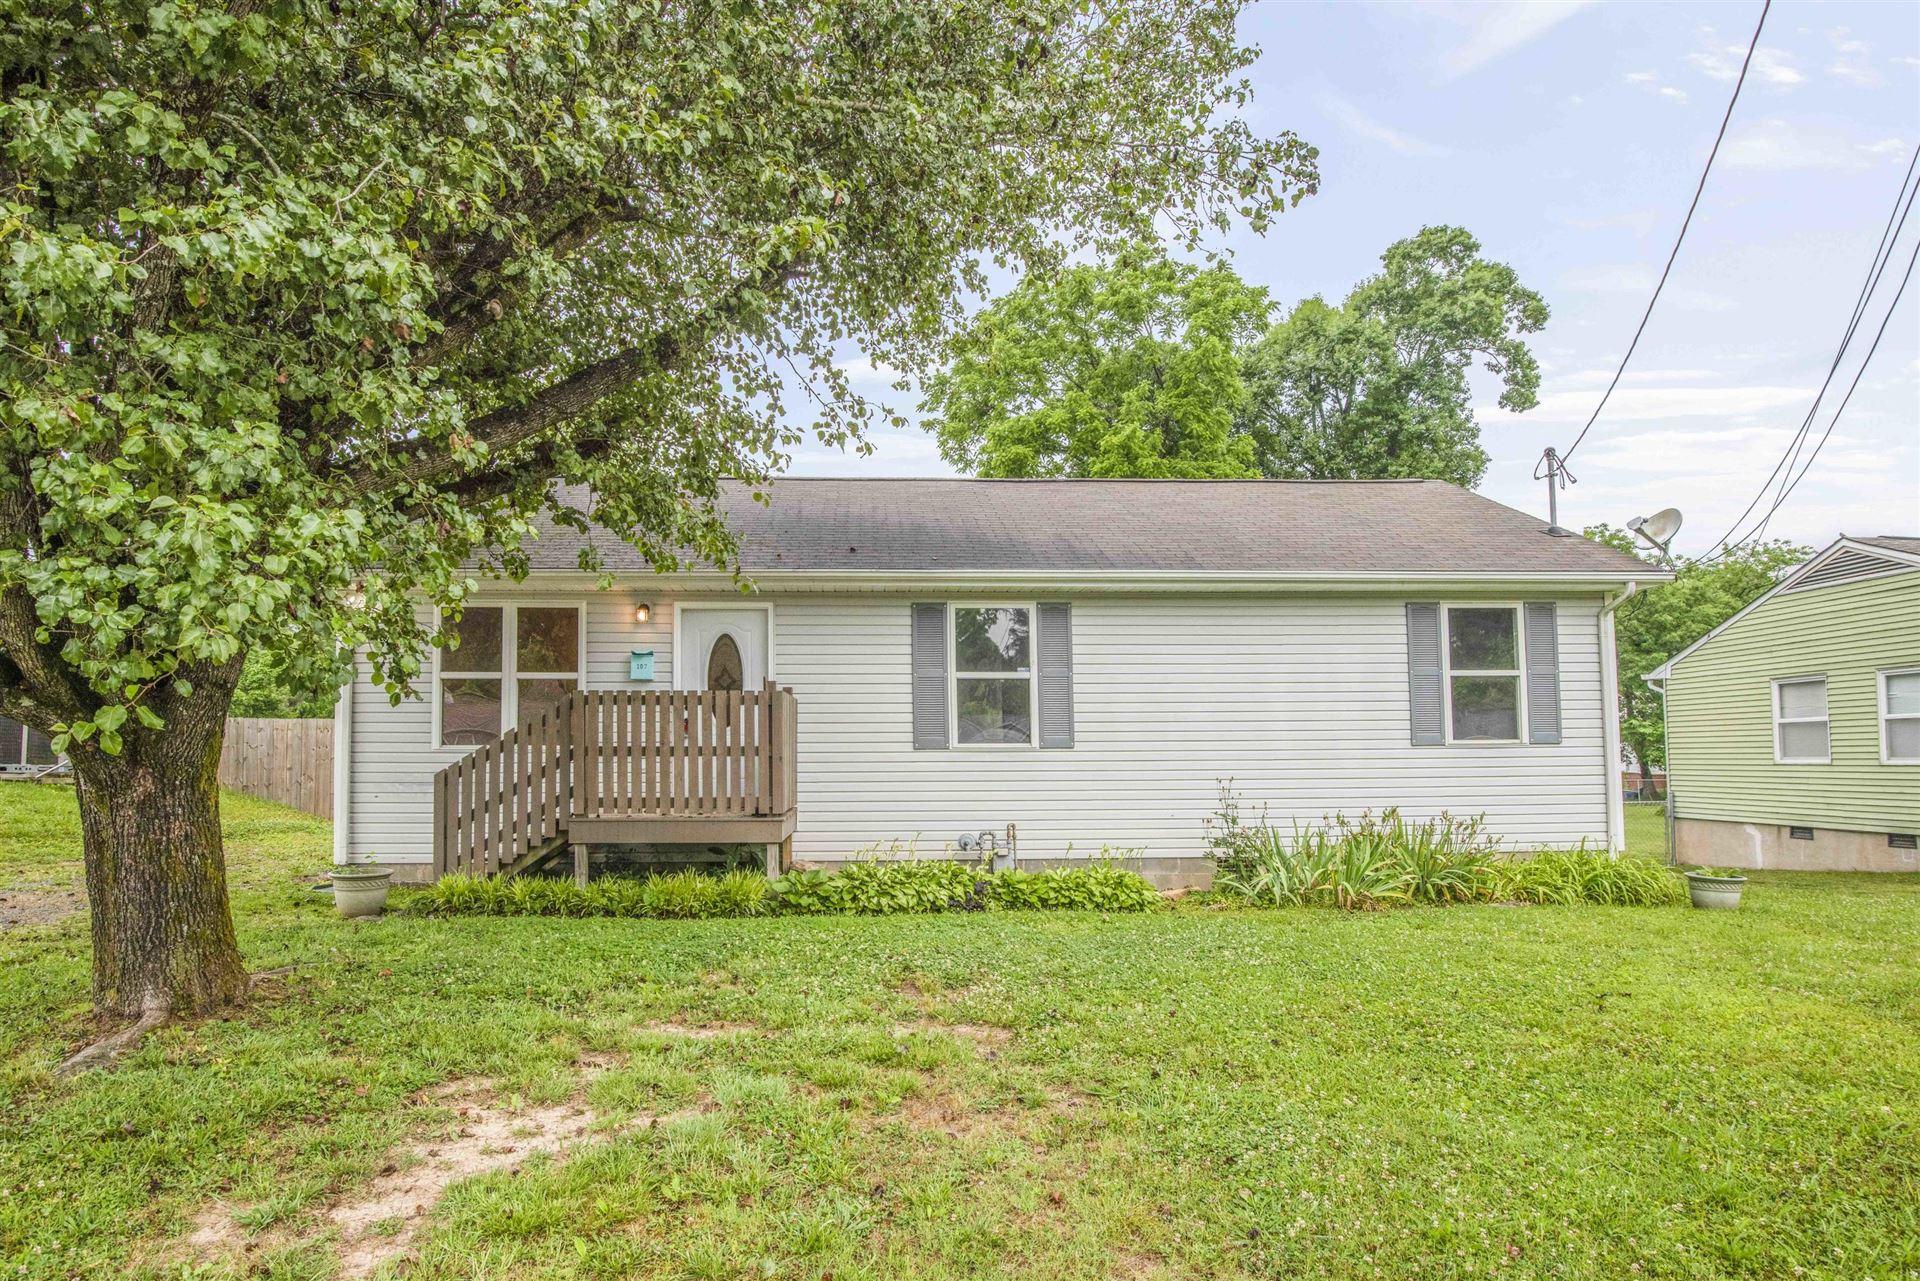 Photo of 107 E Arrowwood Rd, Oak Ridge, TN 37830 (MLS # 1155933)